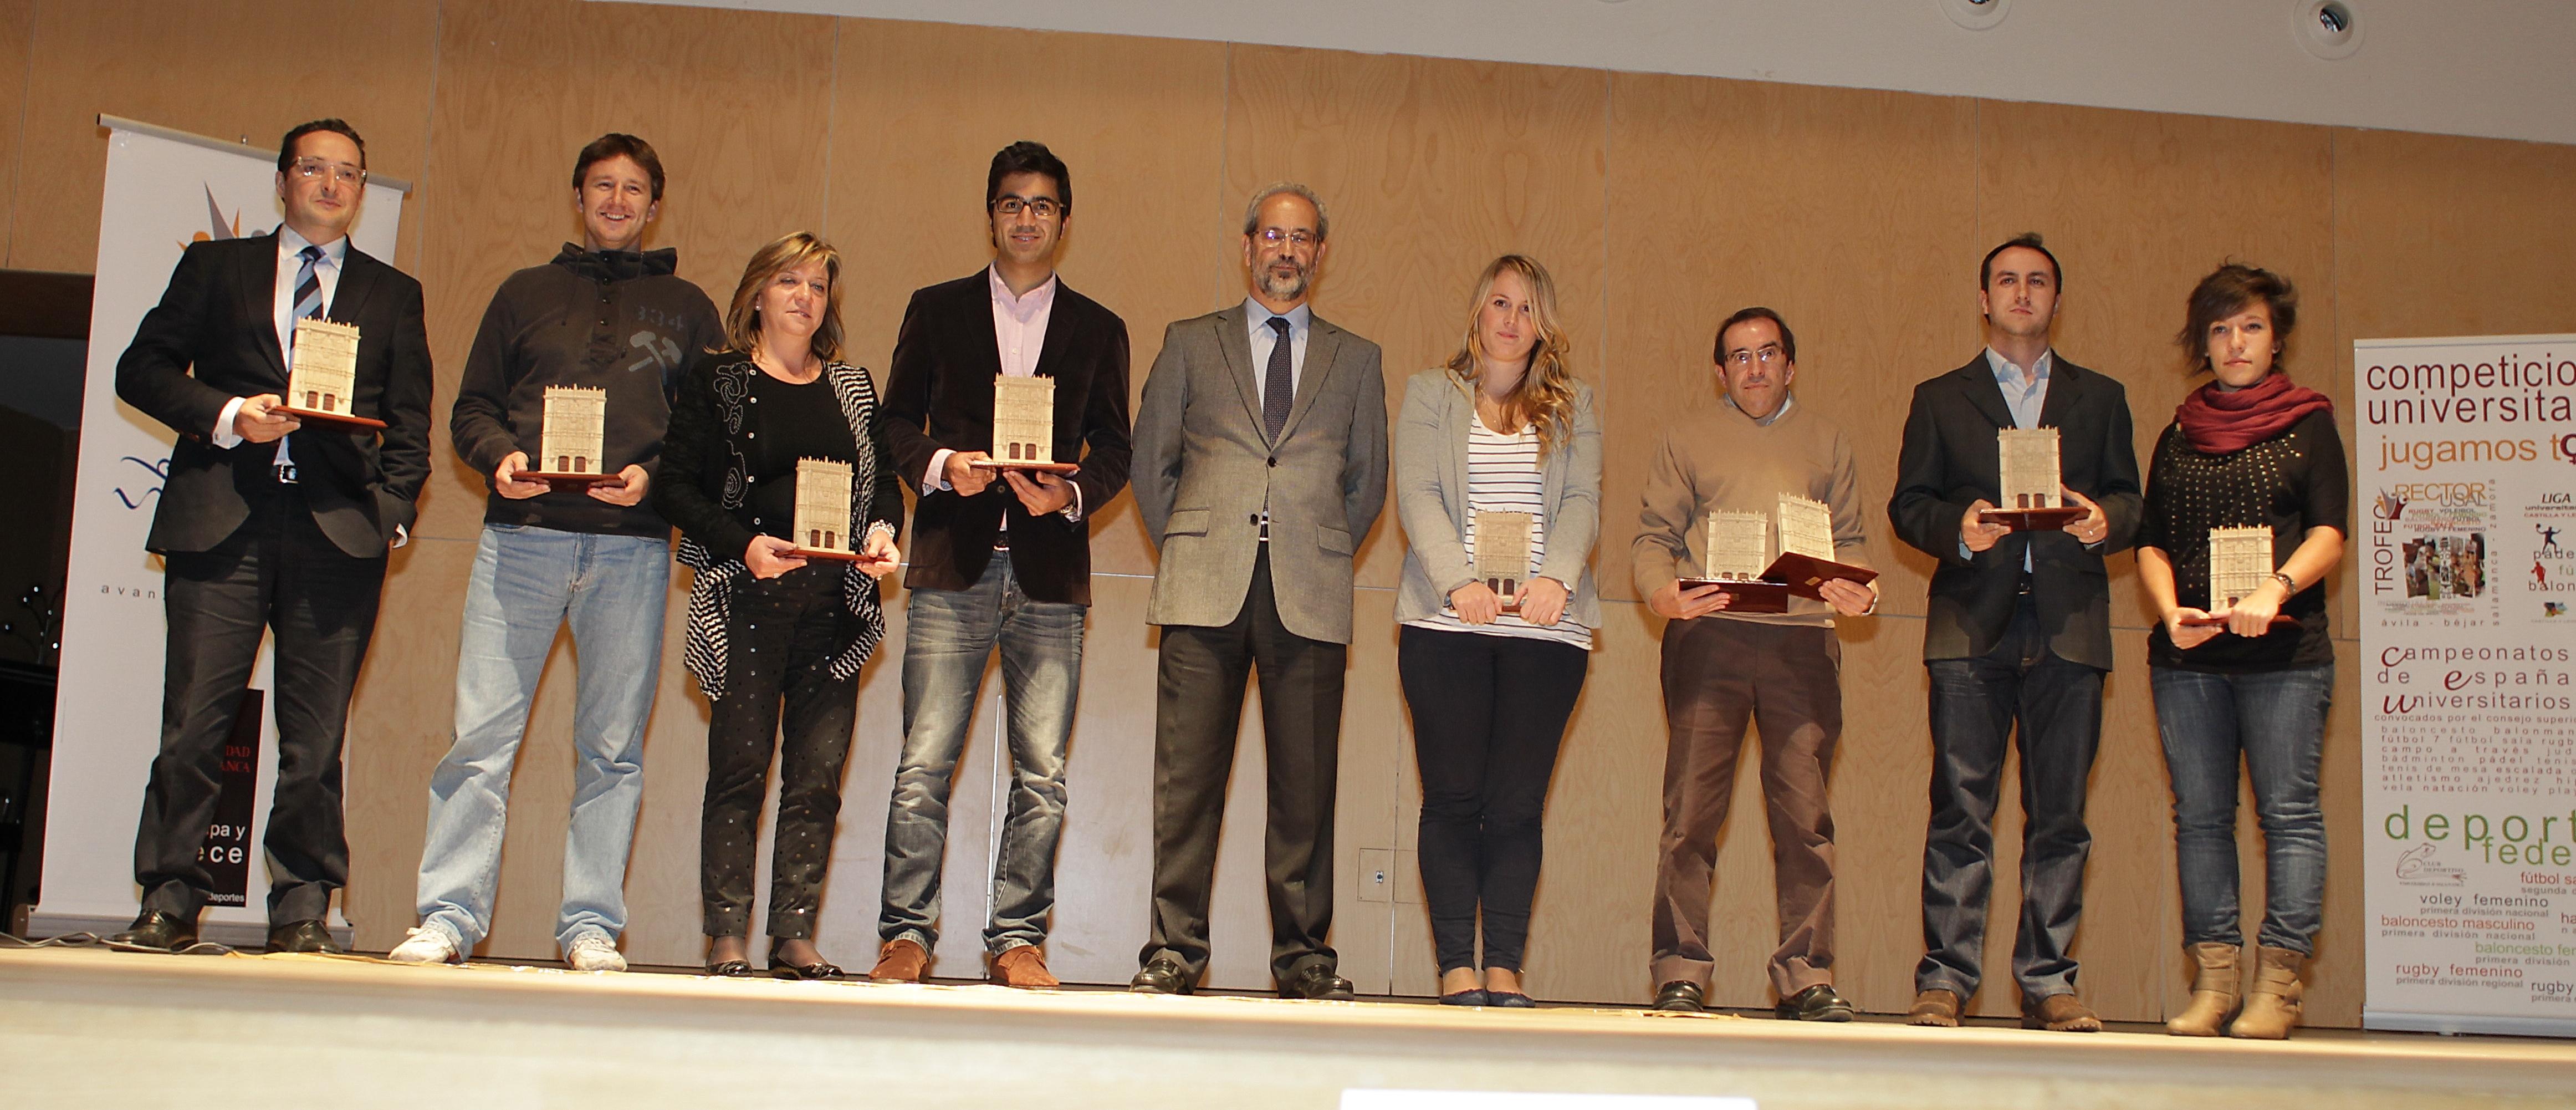 Entrega de los XXII Premios Anuales del Deporte Universitario. Curso 2010-2011